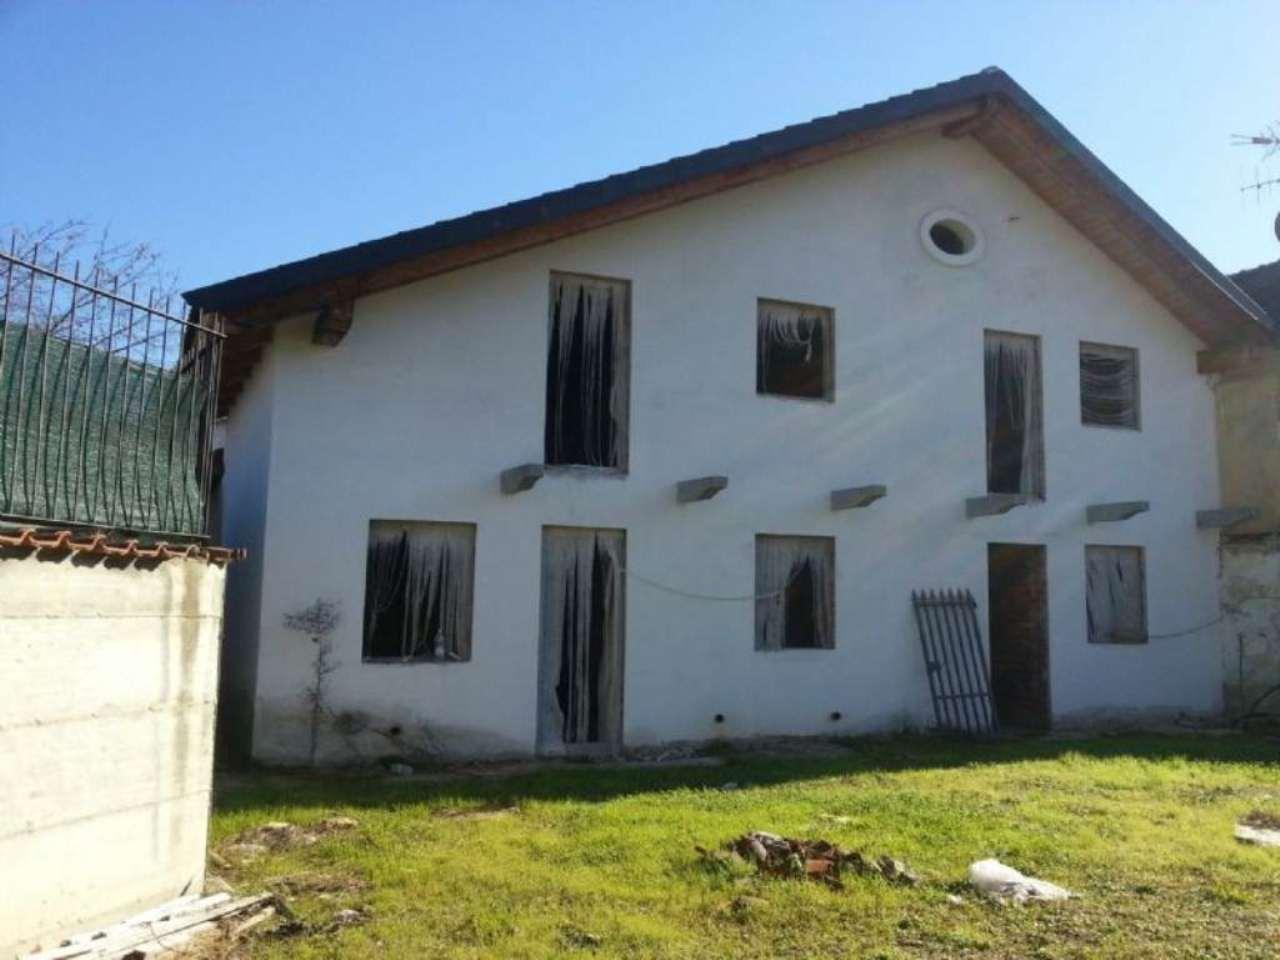 Villa in vendita a Moncalieri, 6 locali, prezzo € 310.000 | CambioCasa.it